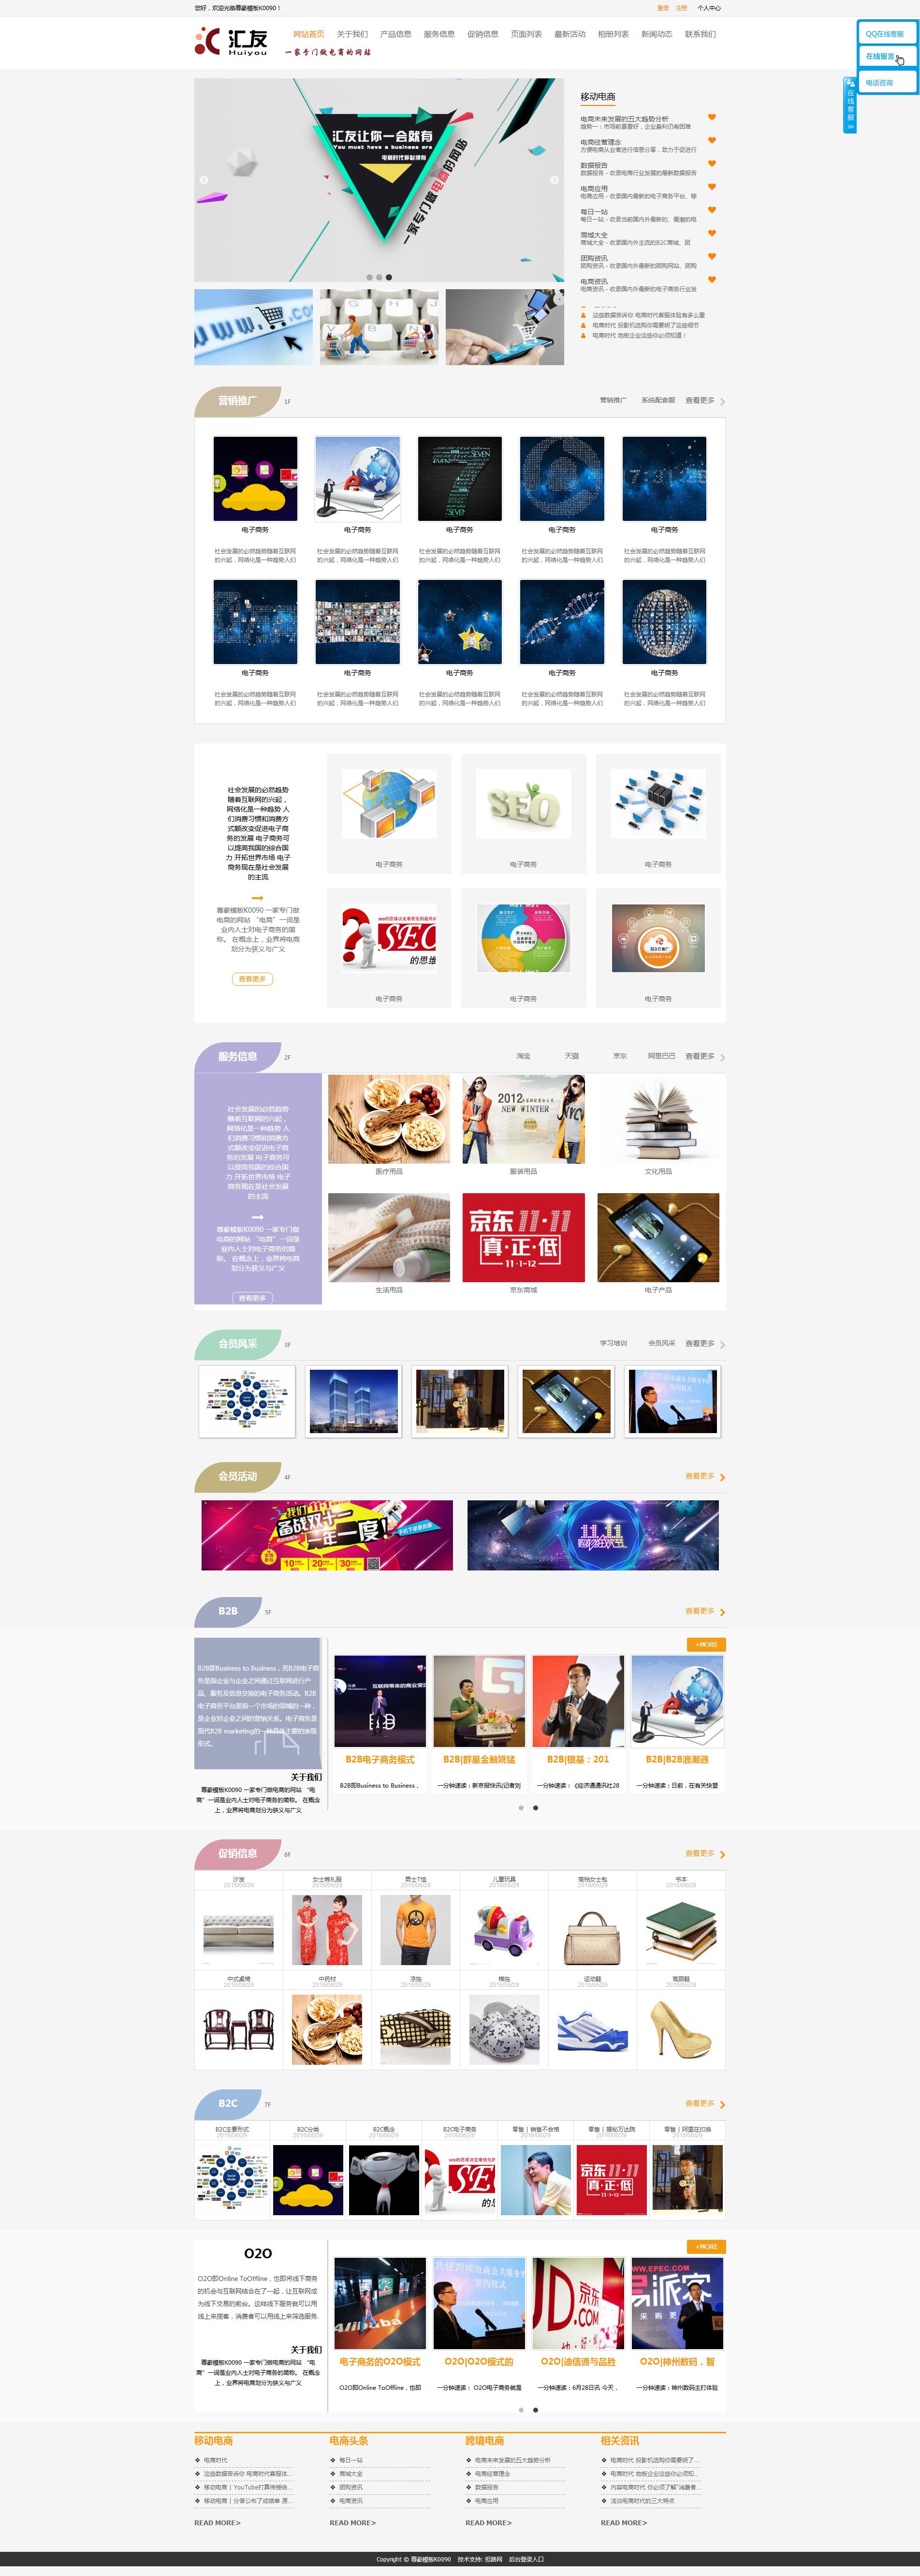 尊豪模板K0090 - 教育培训行业公司网站模板 新闻资讯行业公司网站建设.png